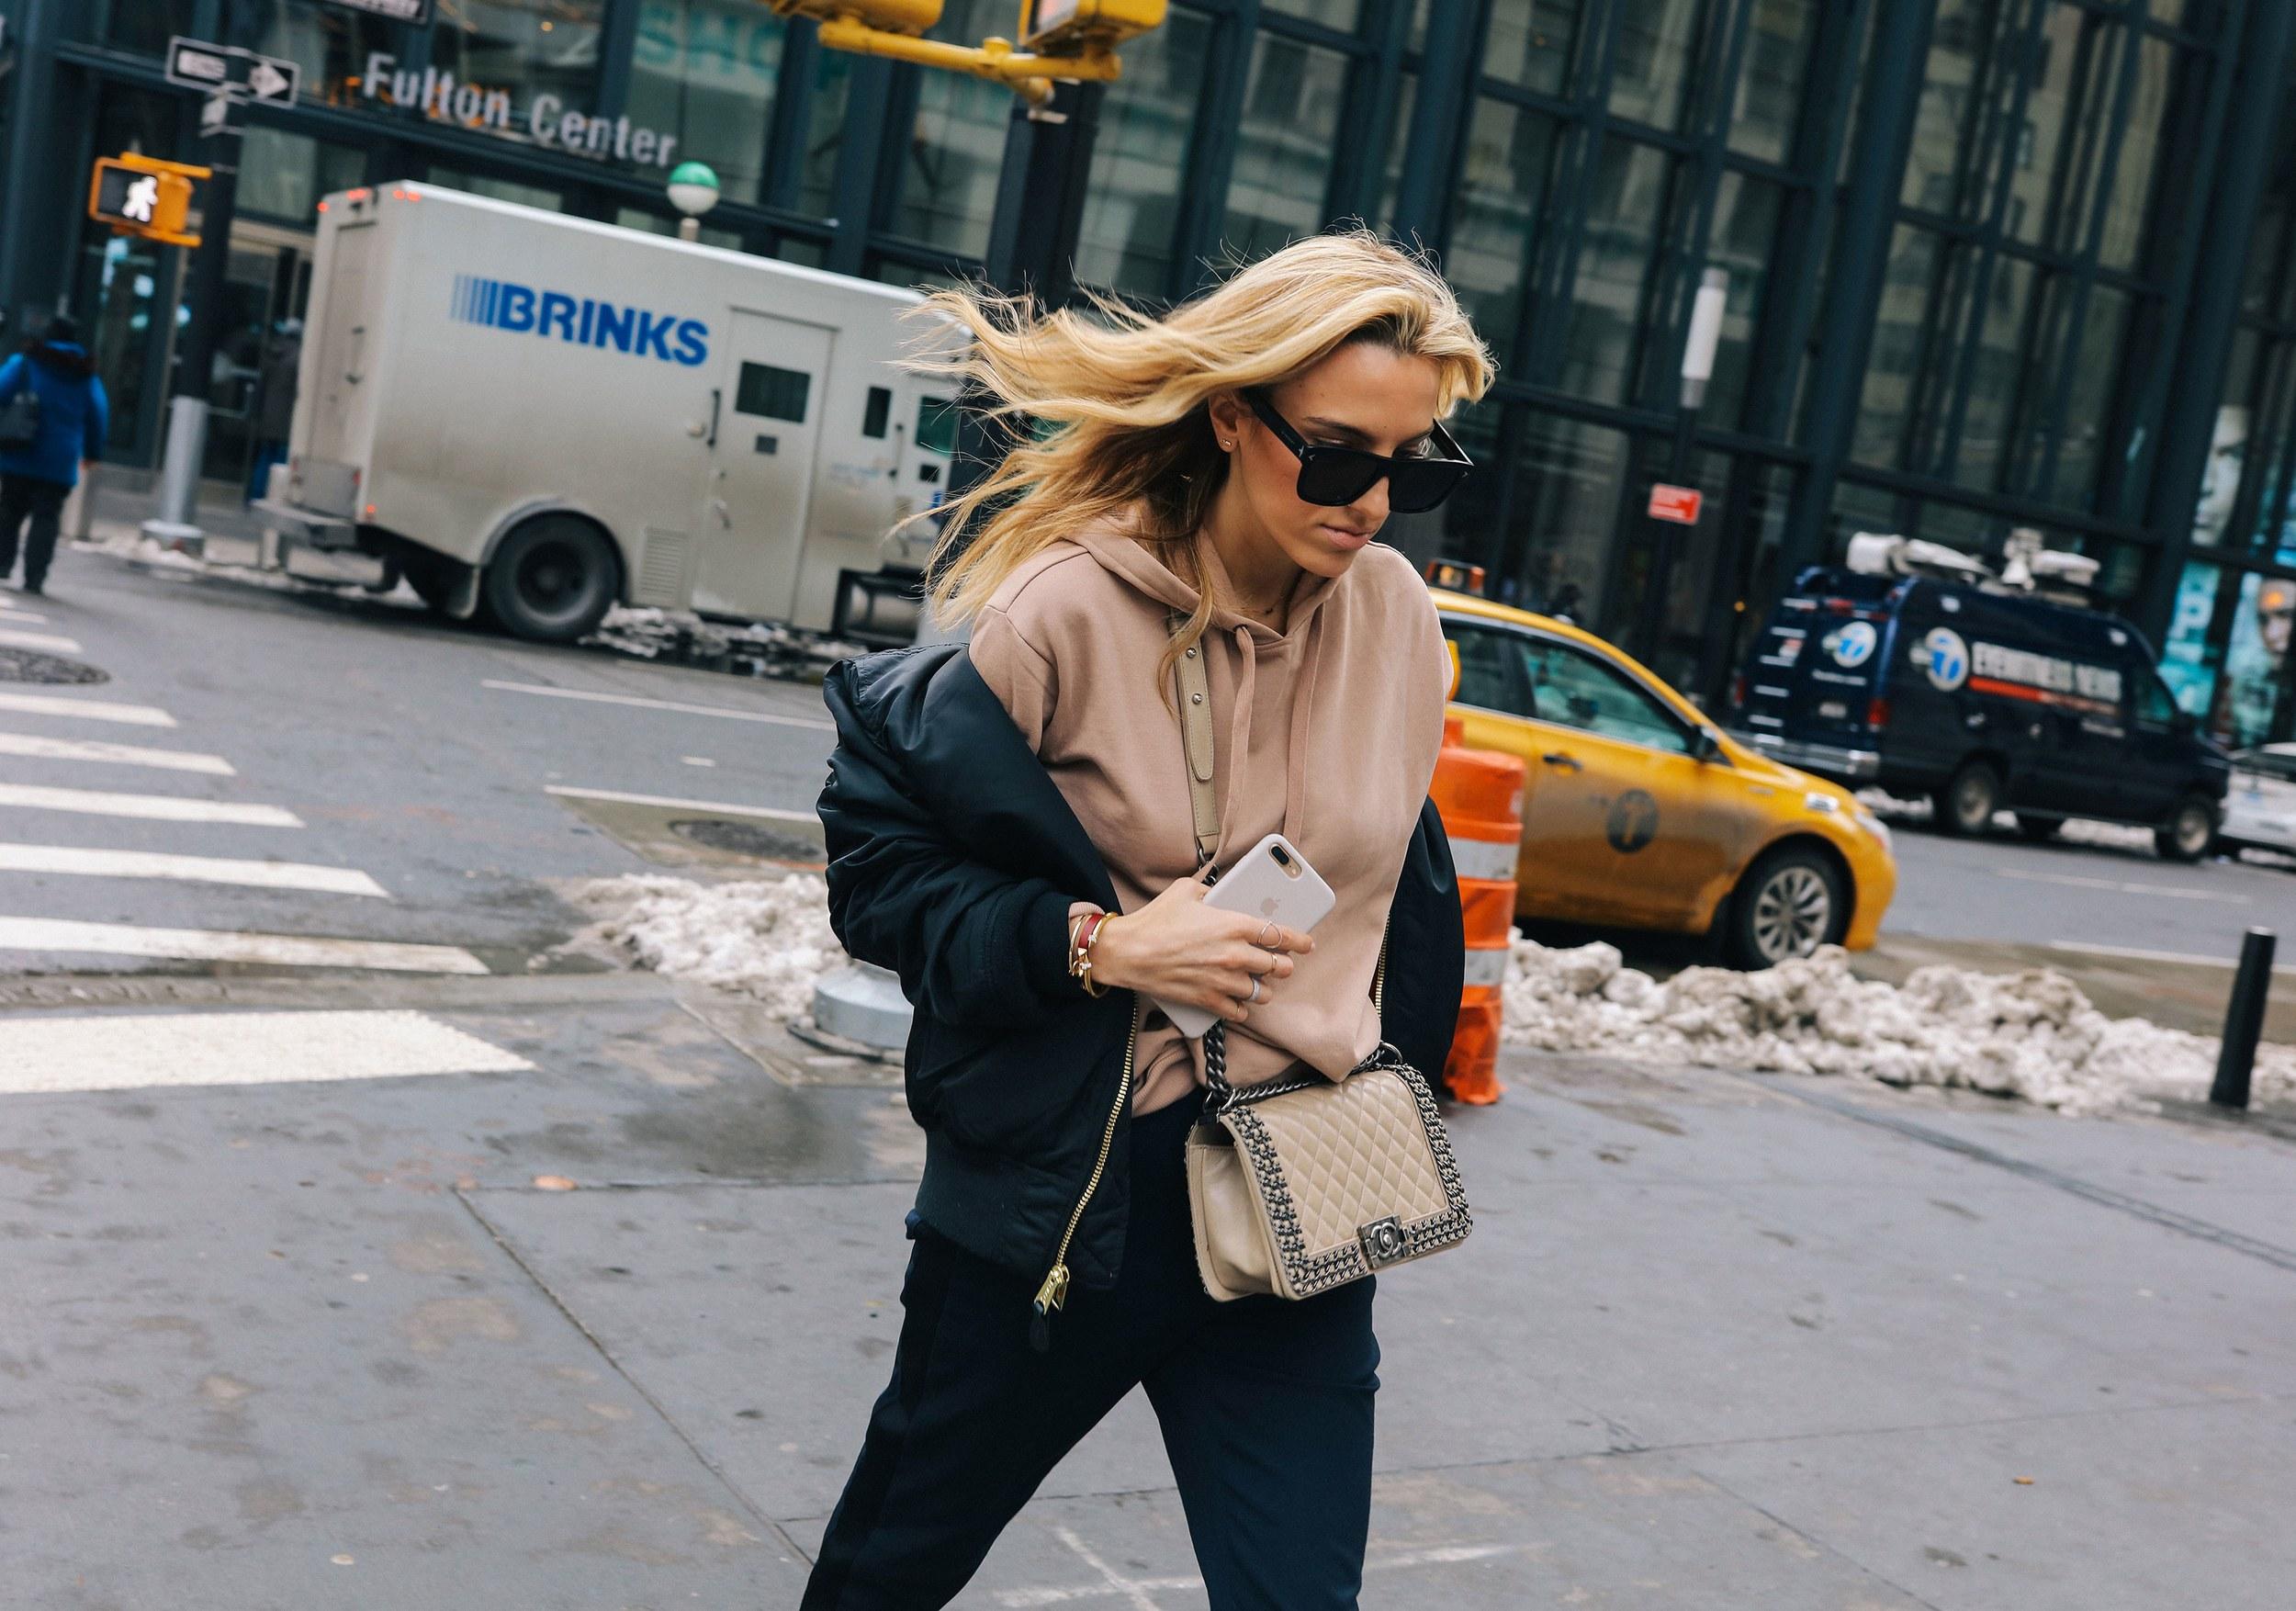 Chiêm ngưỡng đặc sản street style đẹp khó rời mắt tại Tuần lễ thời trang New York - Ảnh 19.